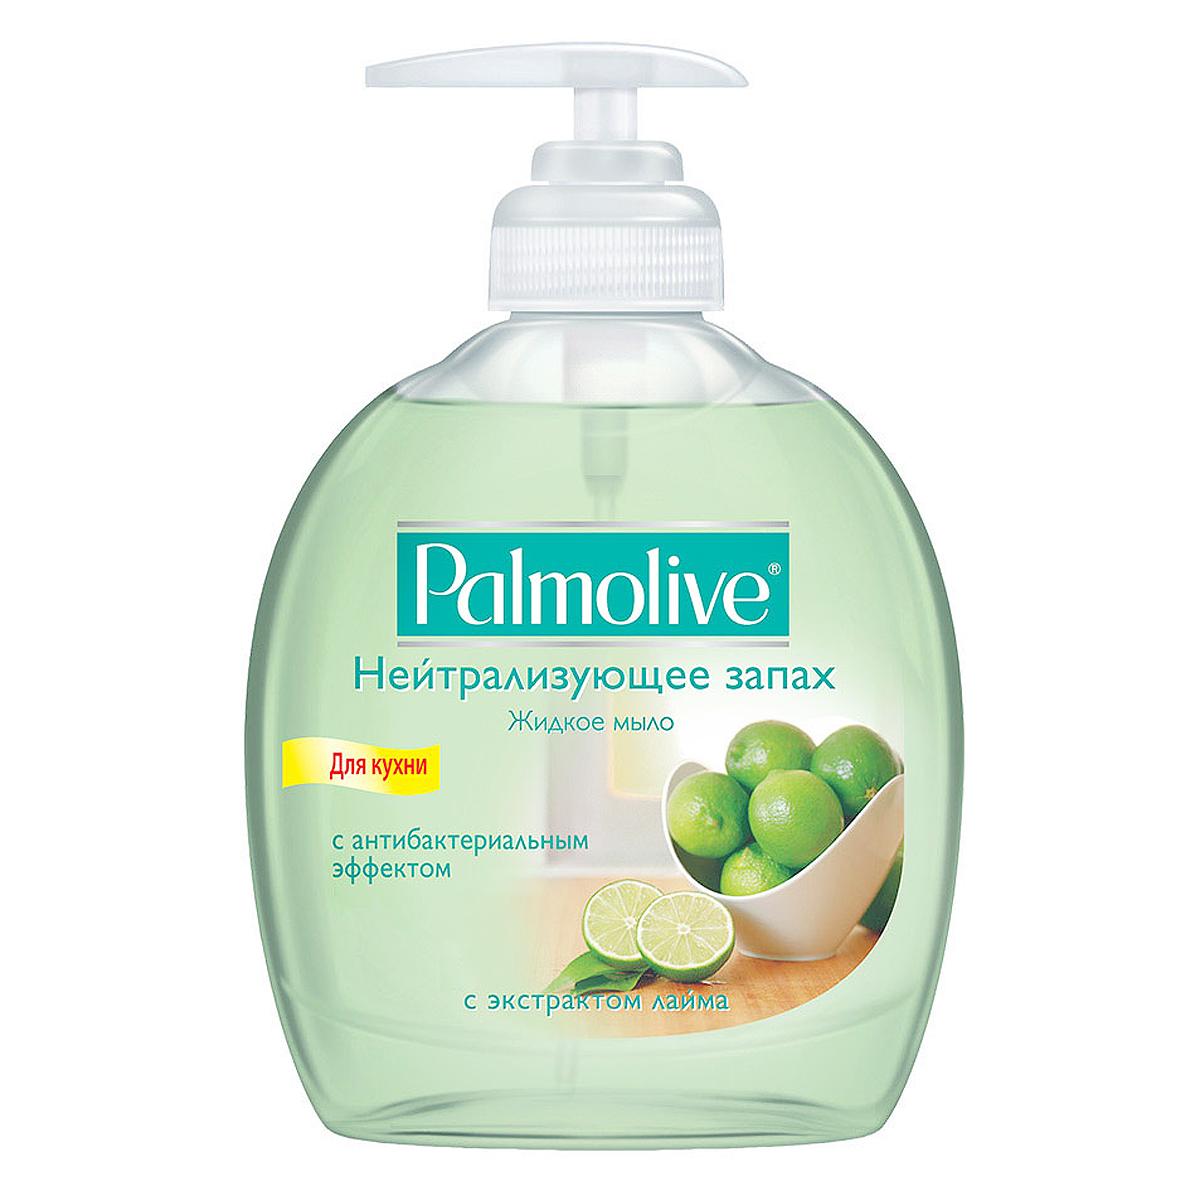 Palmolive Жидкое мыло для кухни, нейтрализующее запах, с антибактериальным эффектом, 300 млFTR22414Жидкое мыло для кухни Palmolive: - Очищает, освежает и защищает кожу рук; - Нейтрализует запахи, остающиеся после приготовления пищи; - Содержит экстракт лайма и натуральный антибактериальный компонент, который помогает удалять бактерии с ваших рук. Товар сертифицирован.